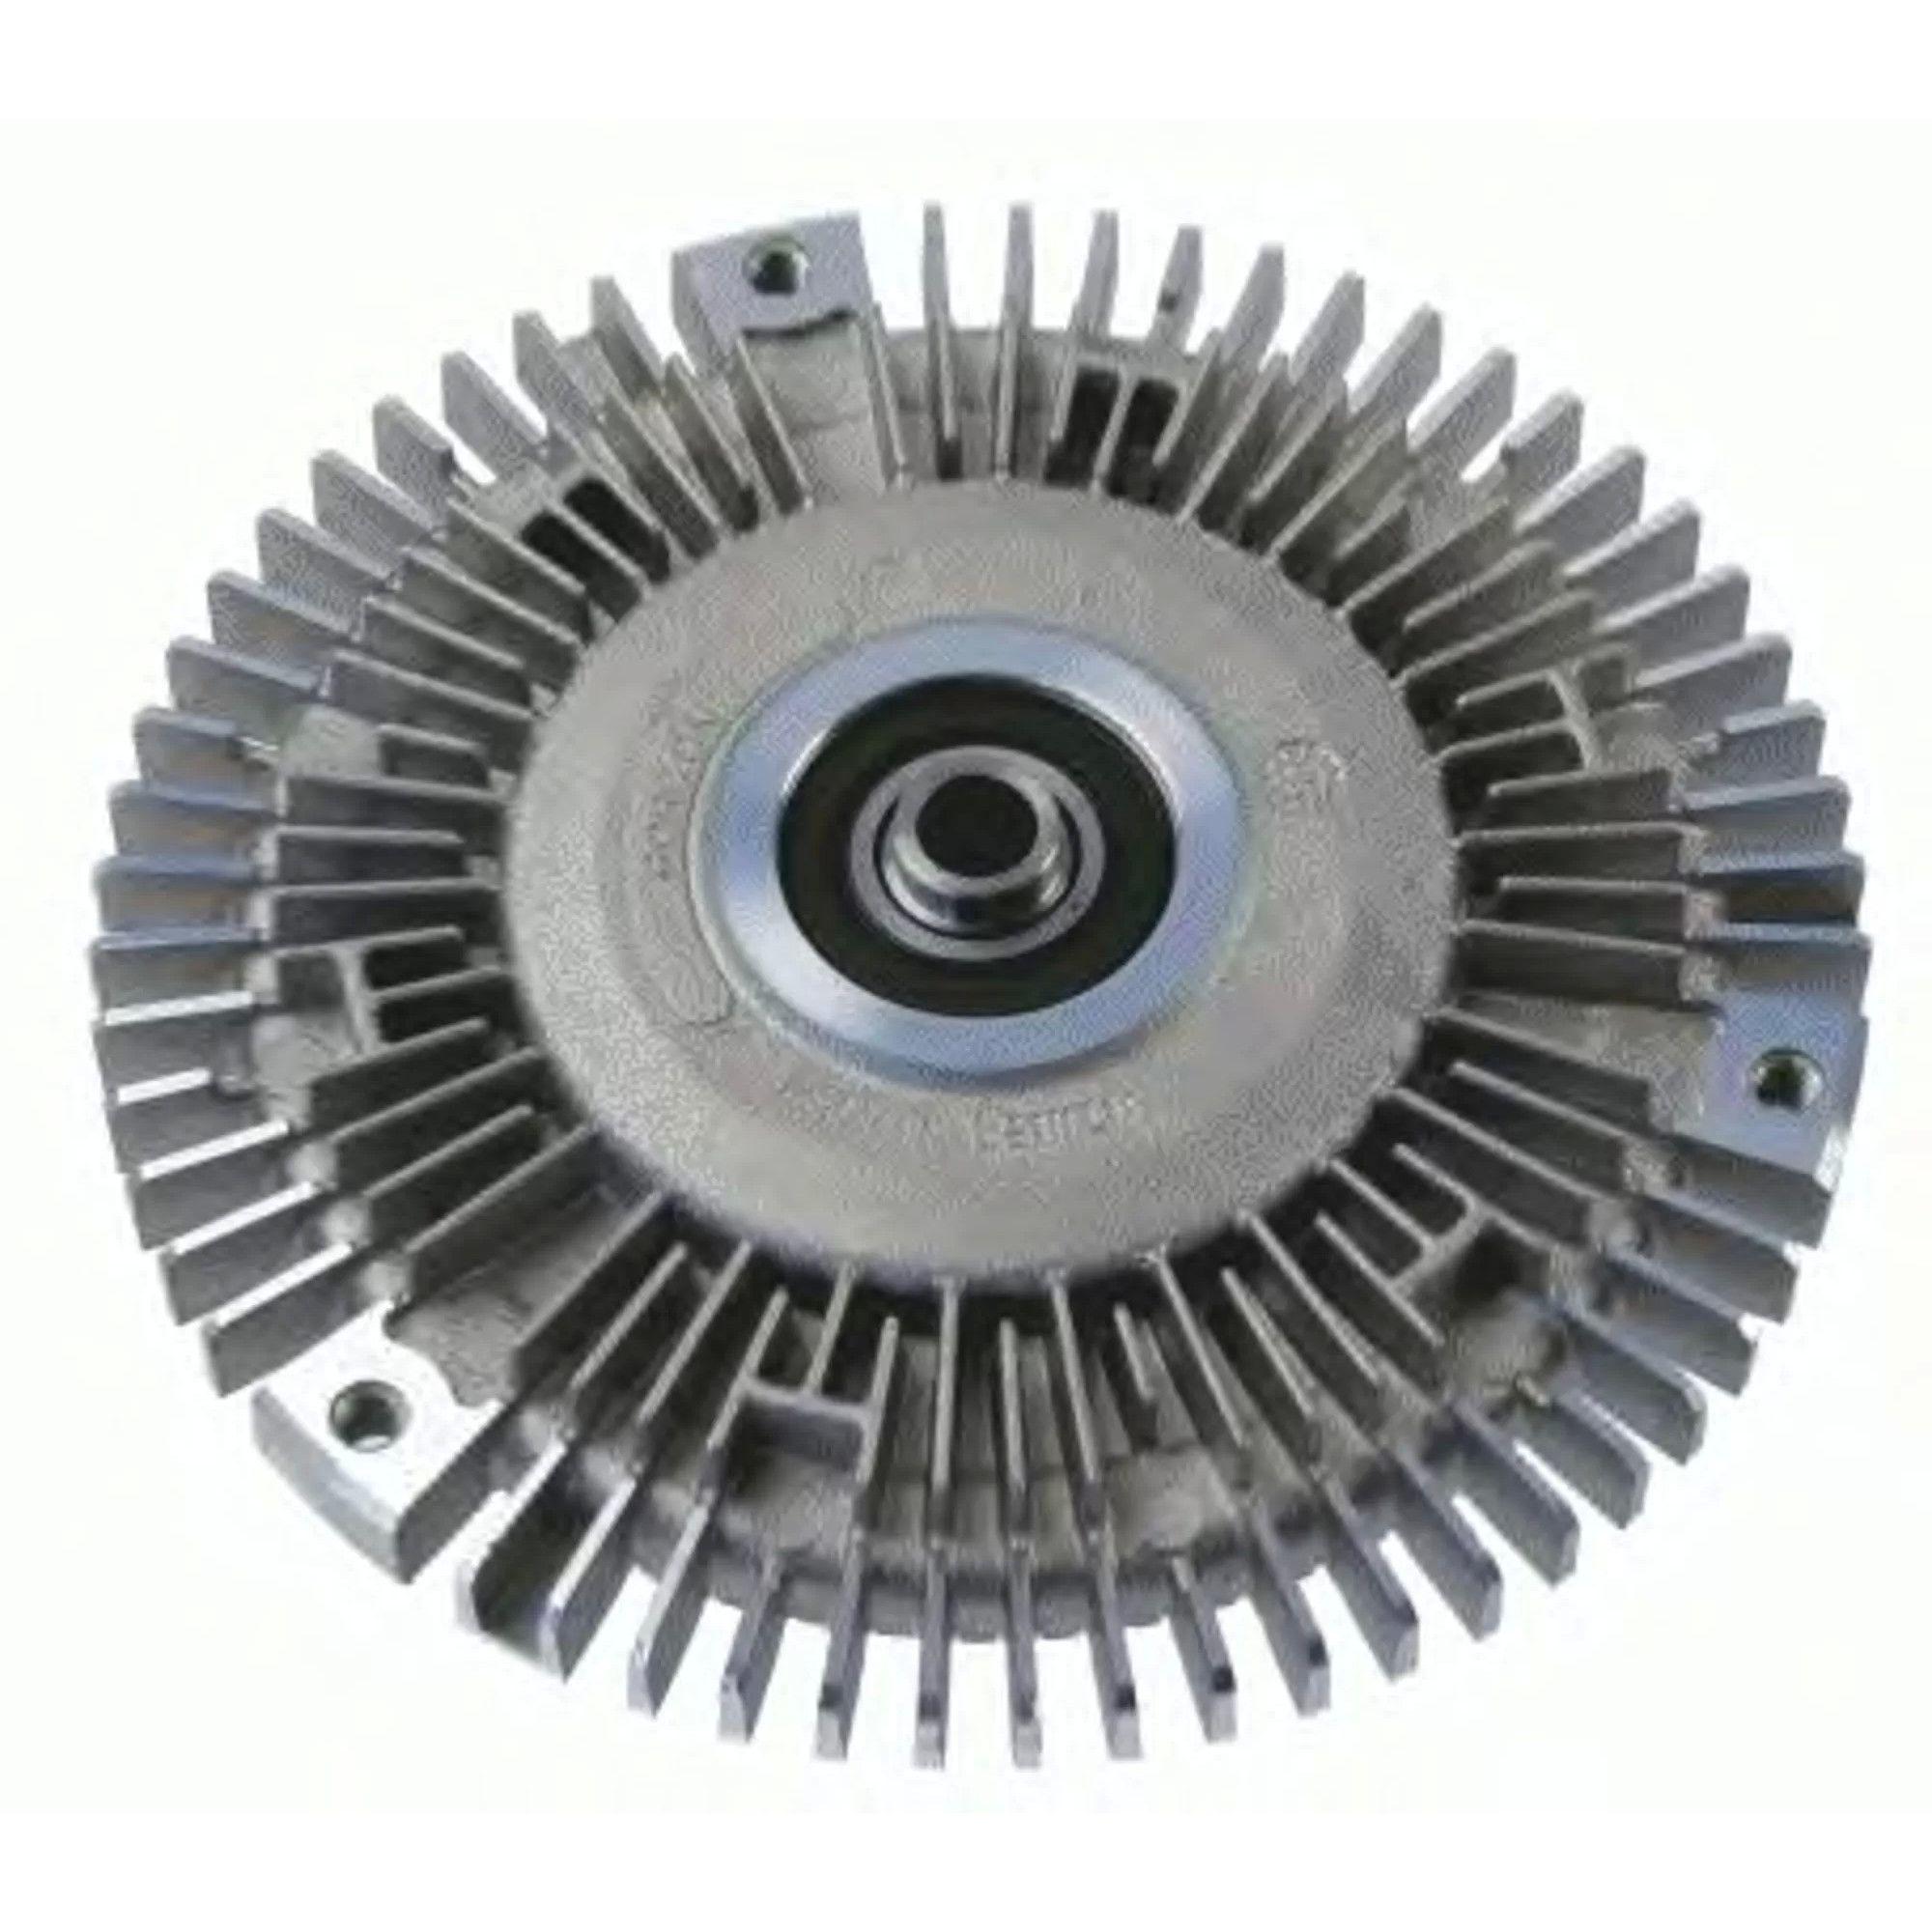 Cupla ventilator radiator pentru iveco eurocargo